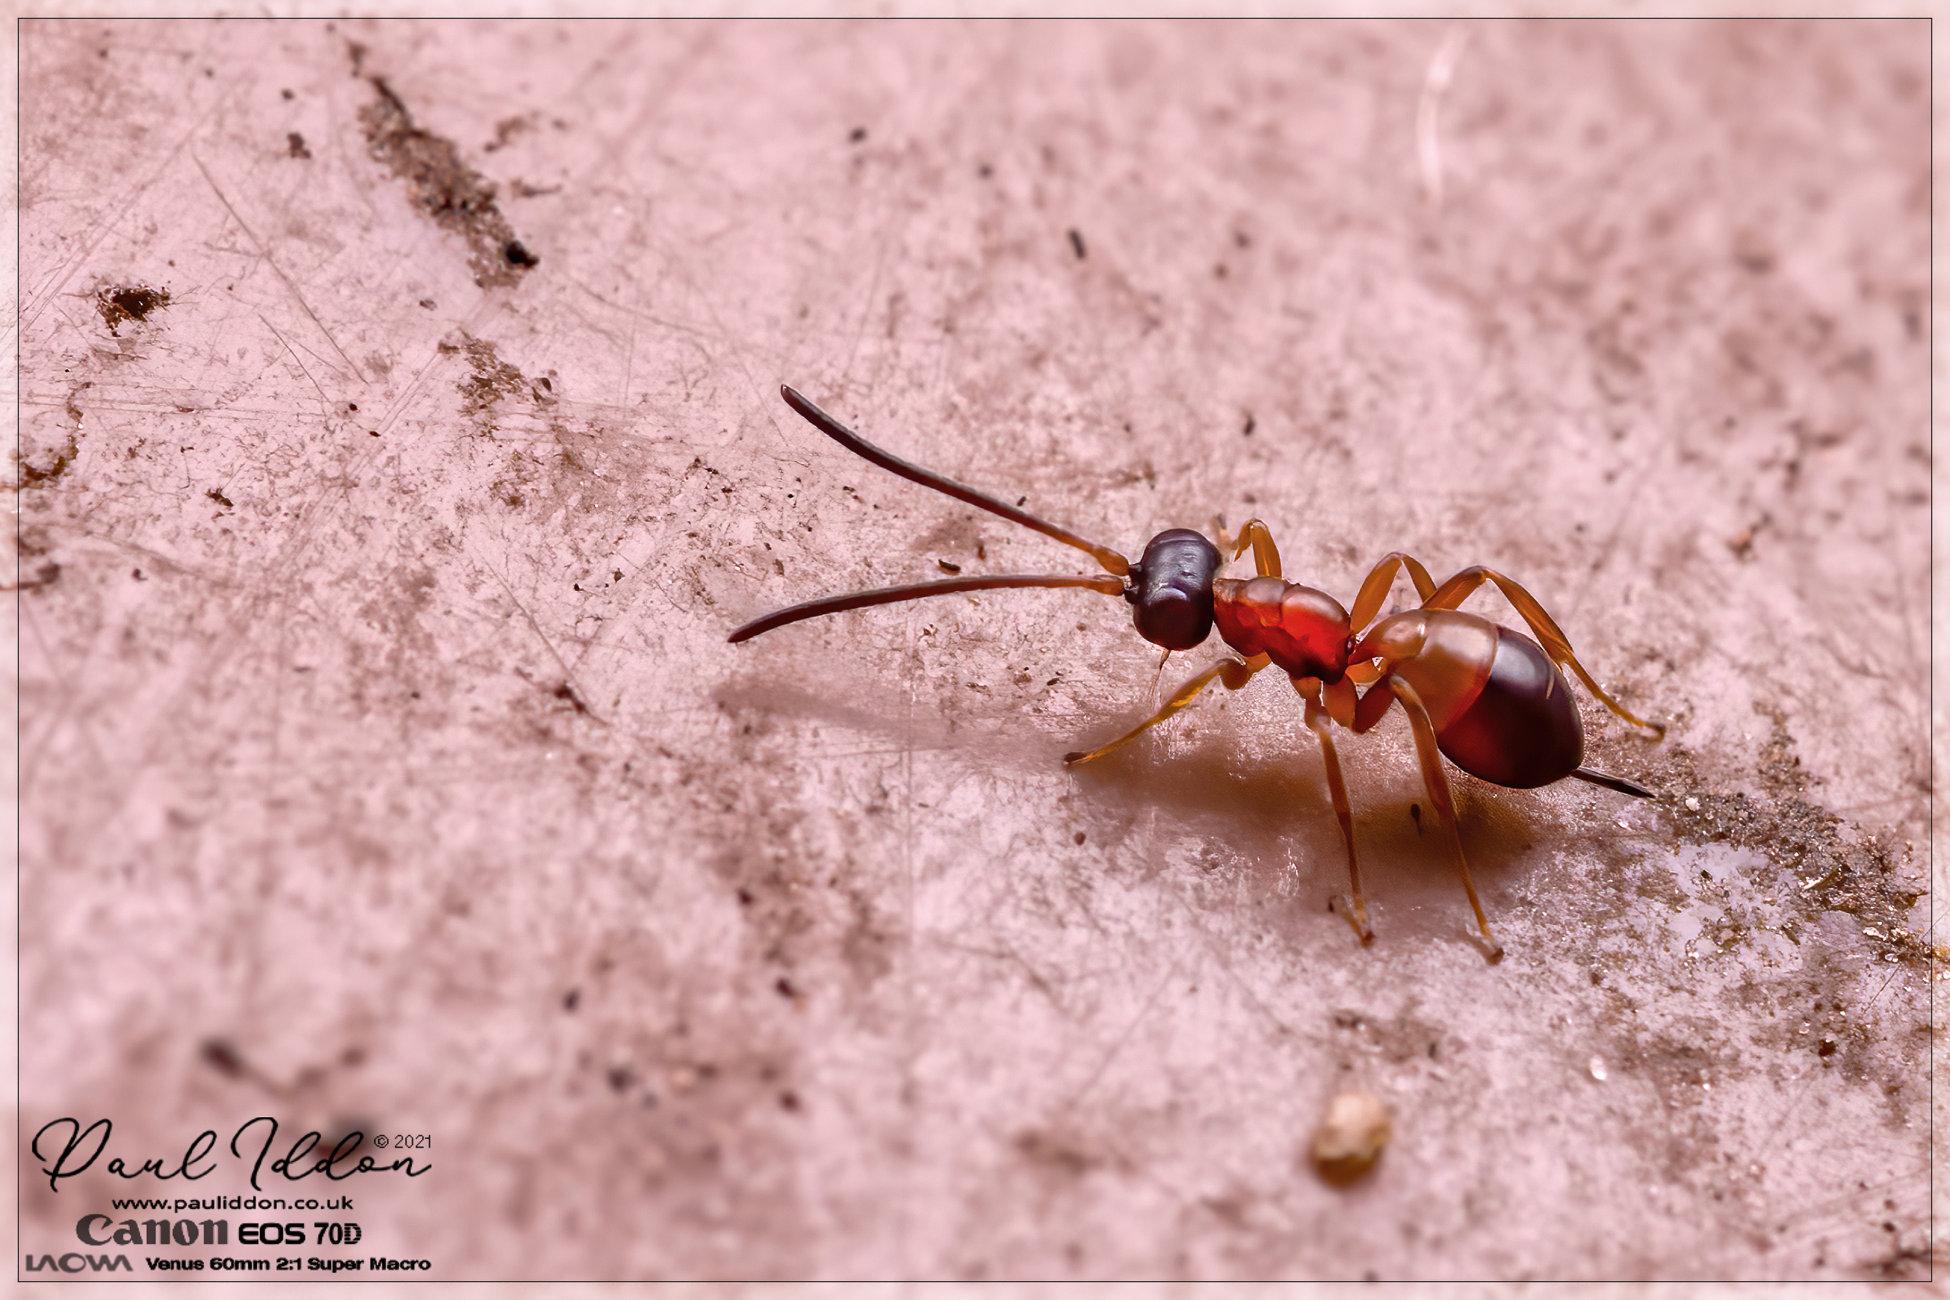 Ant-mimic wasp